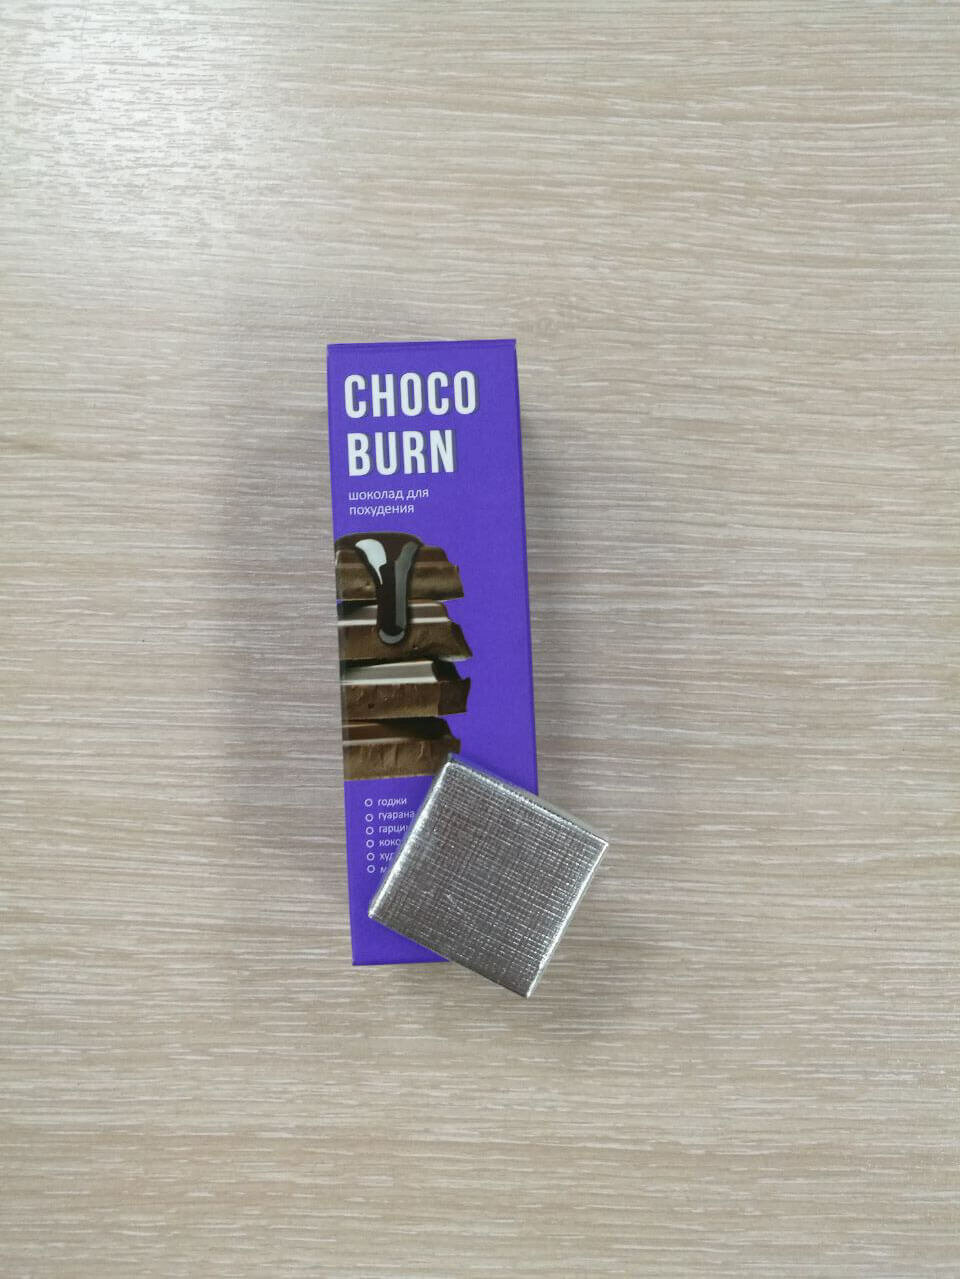 ChocoBurn - шоколад для похудения в Перми